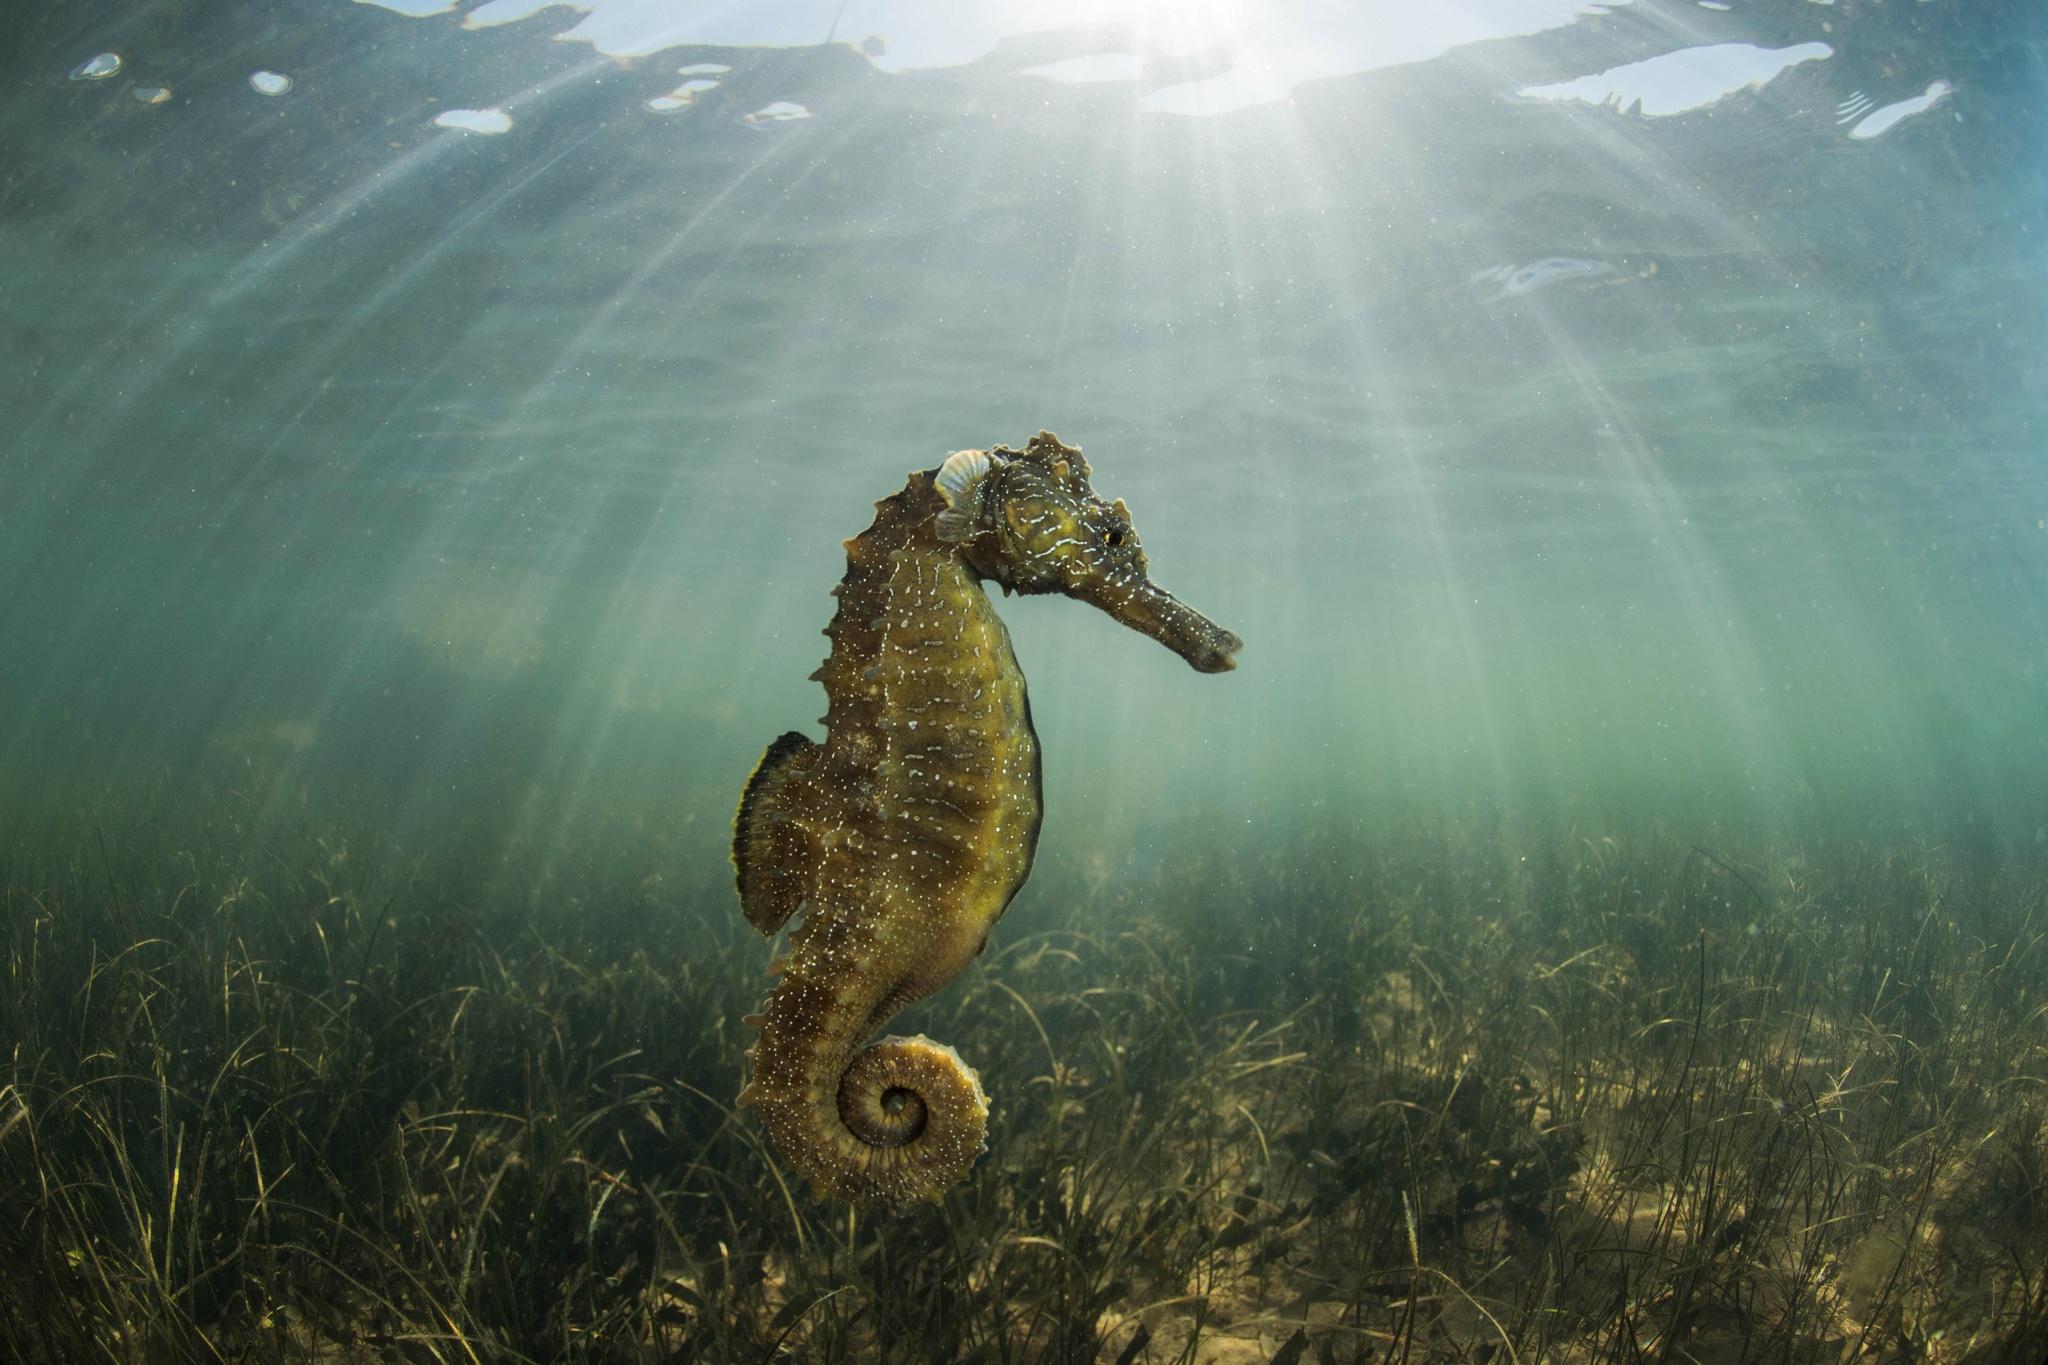 El libro 'El Mar Menor. Una laguna mágica' contiene más de 160 fotografías en las que se ven las especies de flora y fauna emblemáticas de la laguna, como este caballito de mar. Imagen: Javier Murcia / CARM